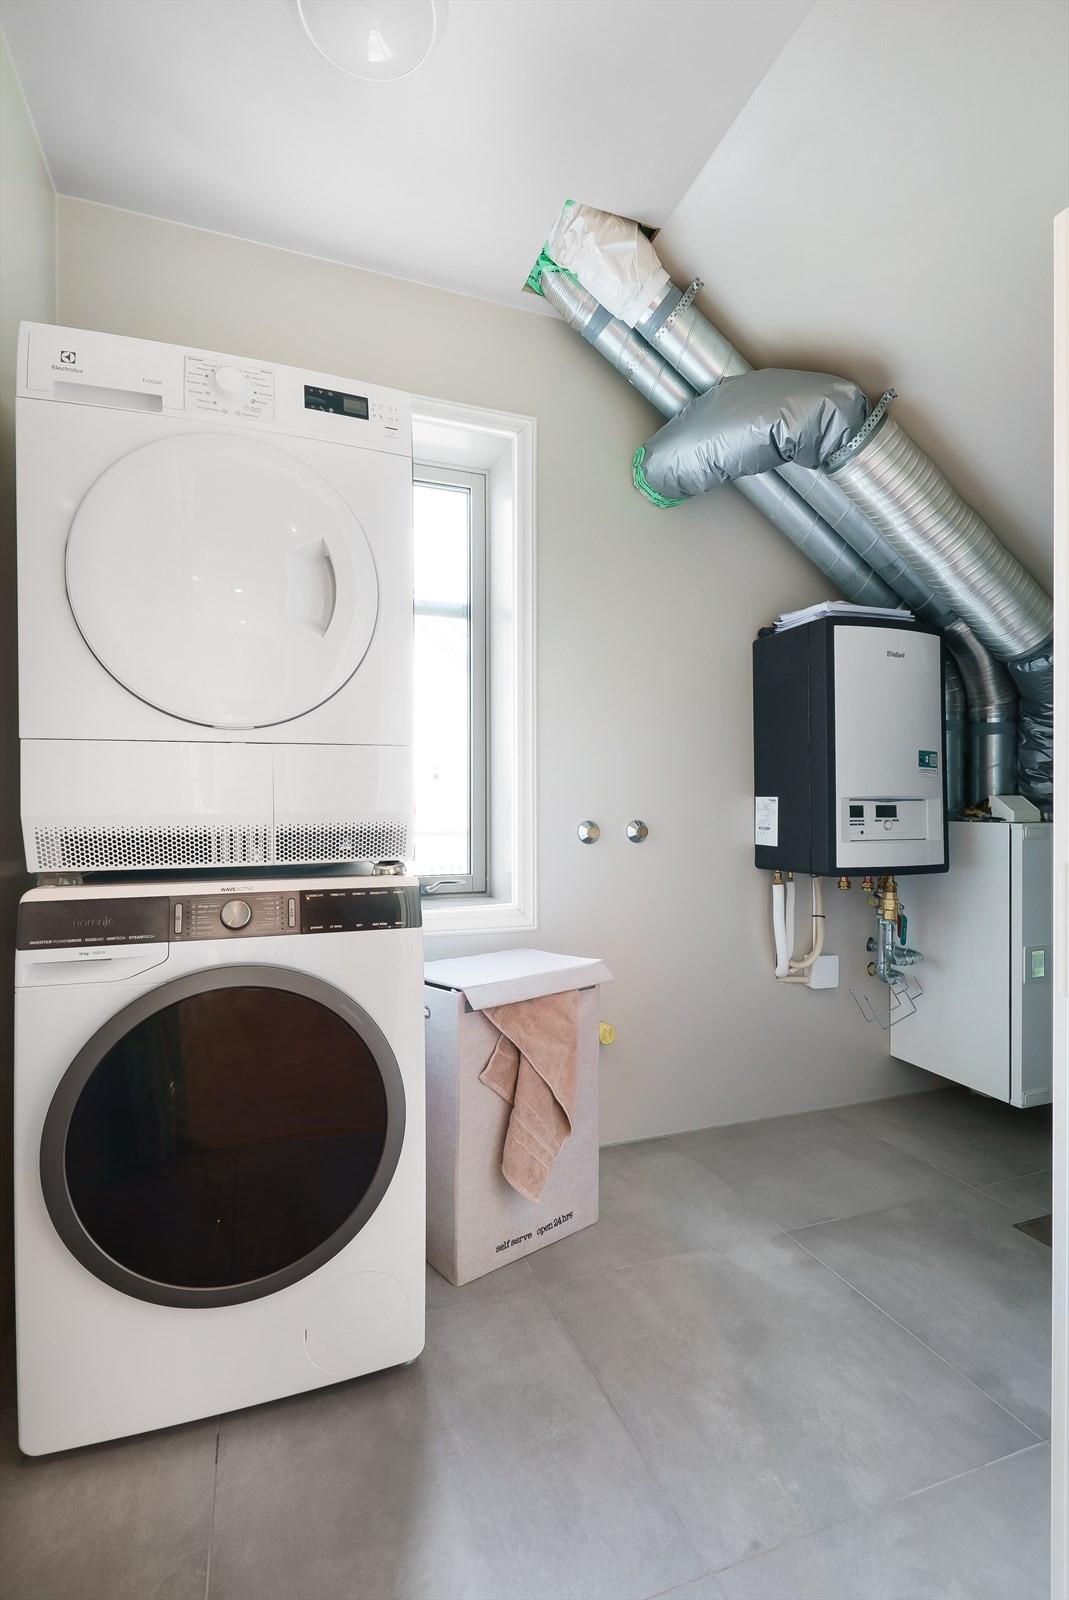 Vaskerom / teknisk rom 2.etg. Sentralstøvsuger, balansert ventilasjon, varmtvannsbereder, innerdel til varmepumpe/vannbåren varme, klargjort for montering av utslagsvask (lagt opp vann og avløp).